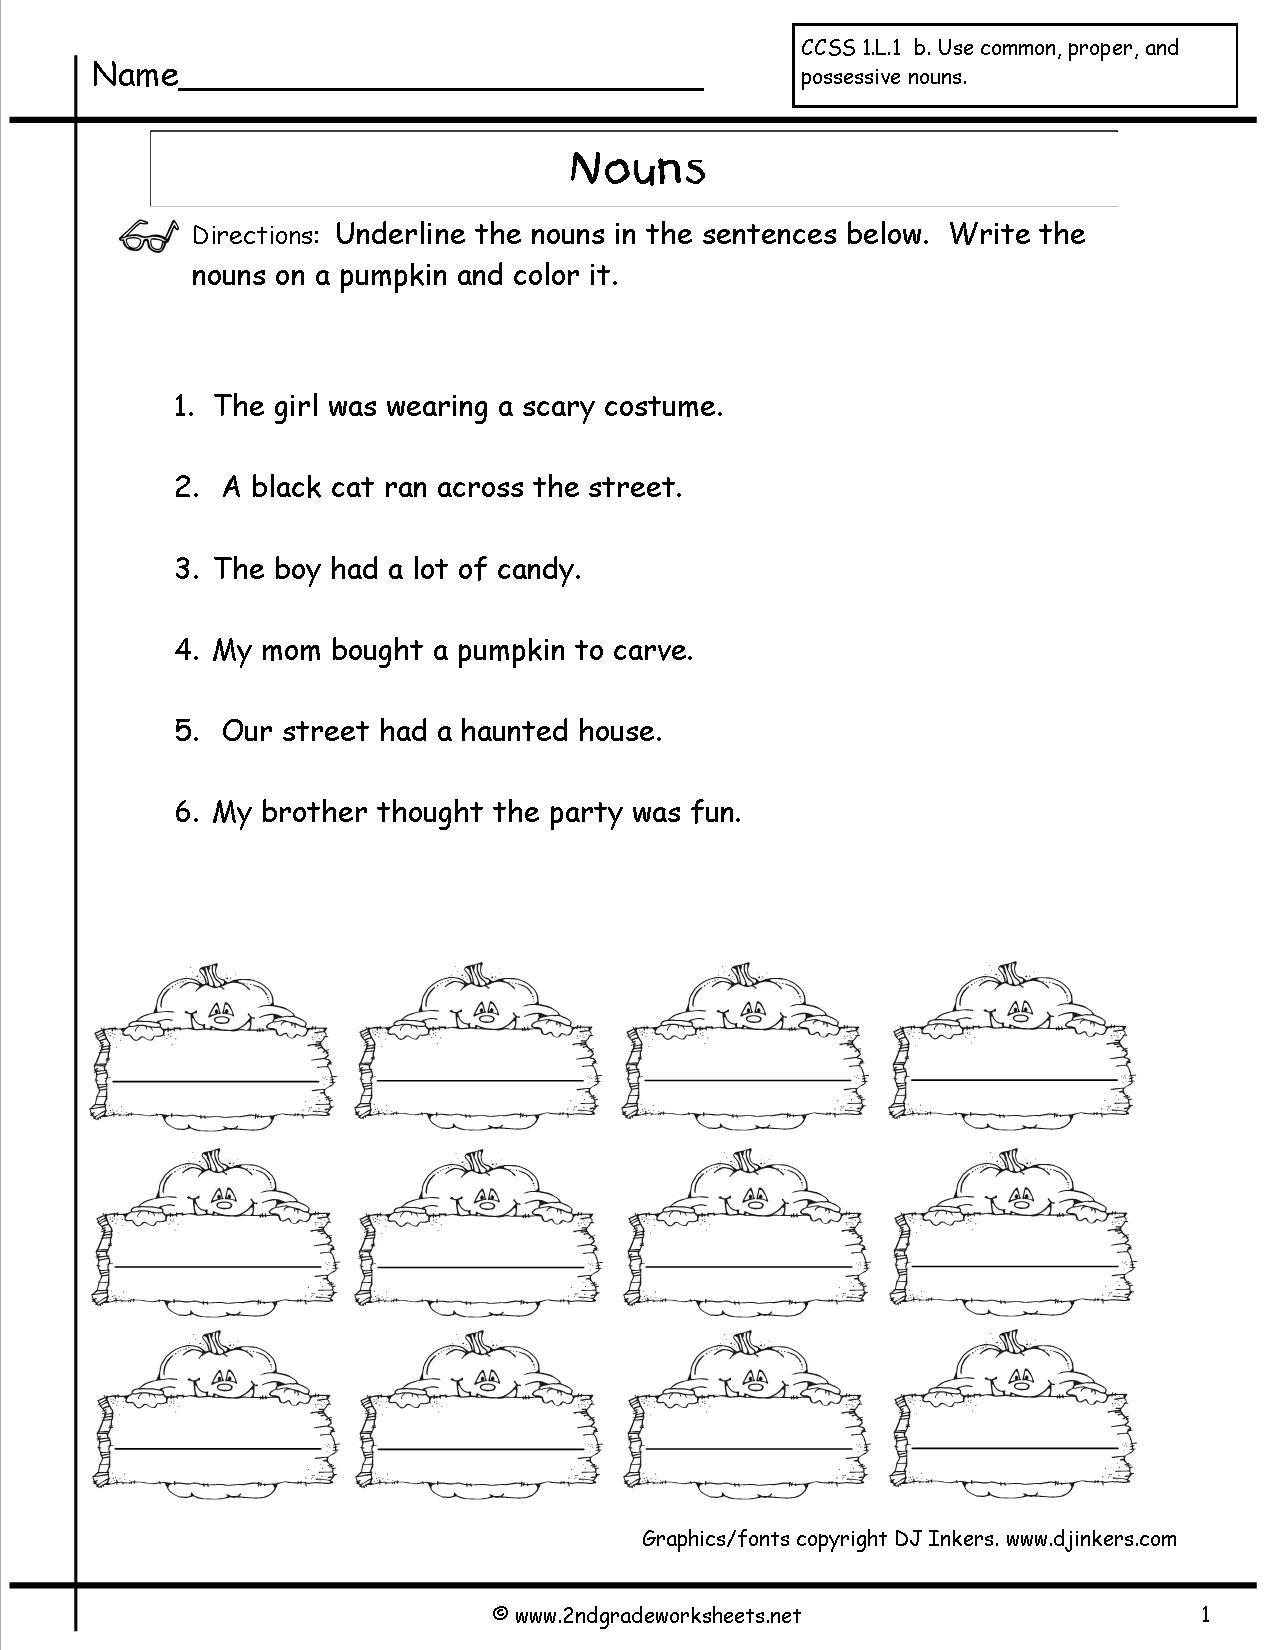 Nouns Worksheet 4Th Grade — excelguider.com